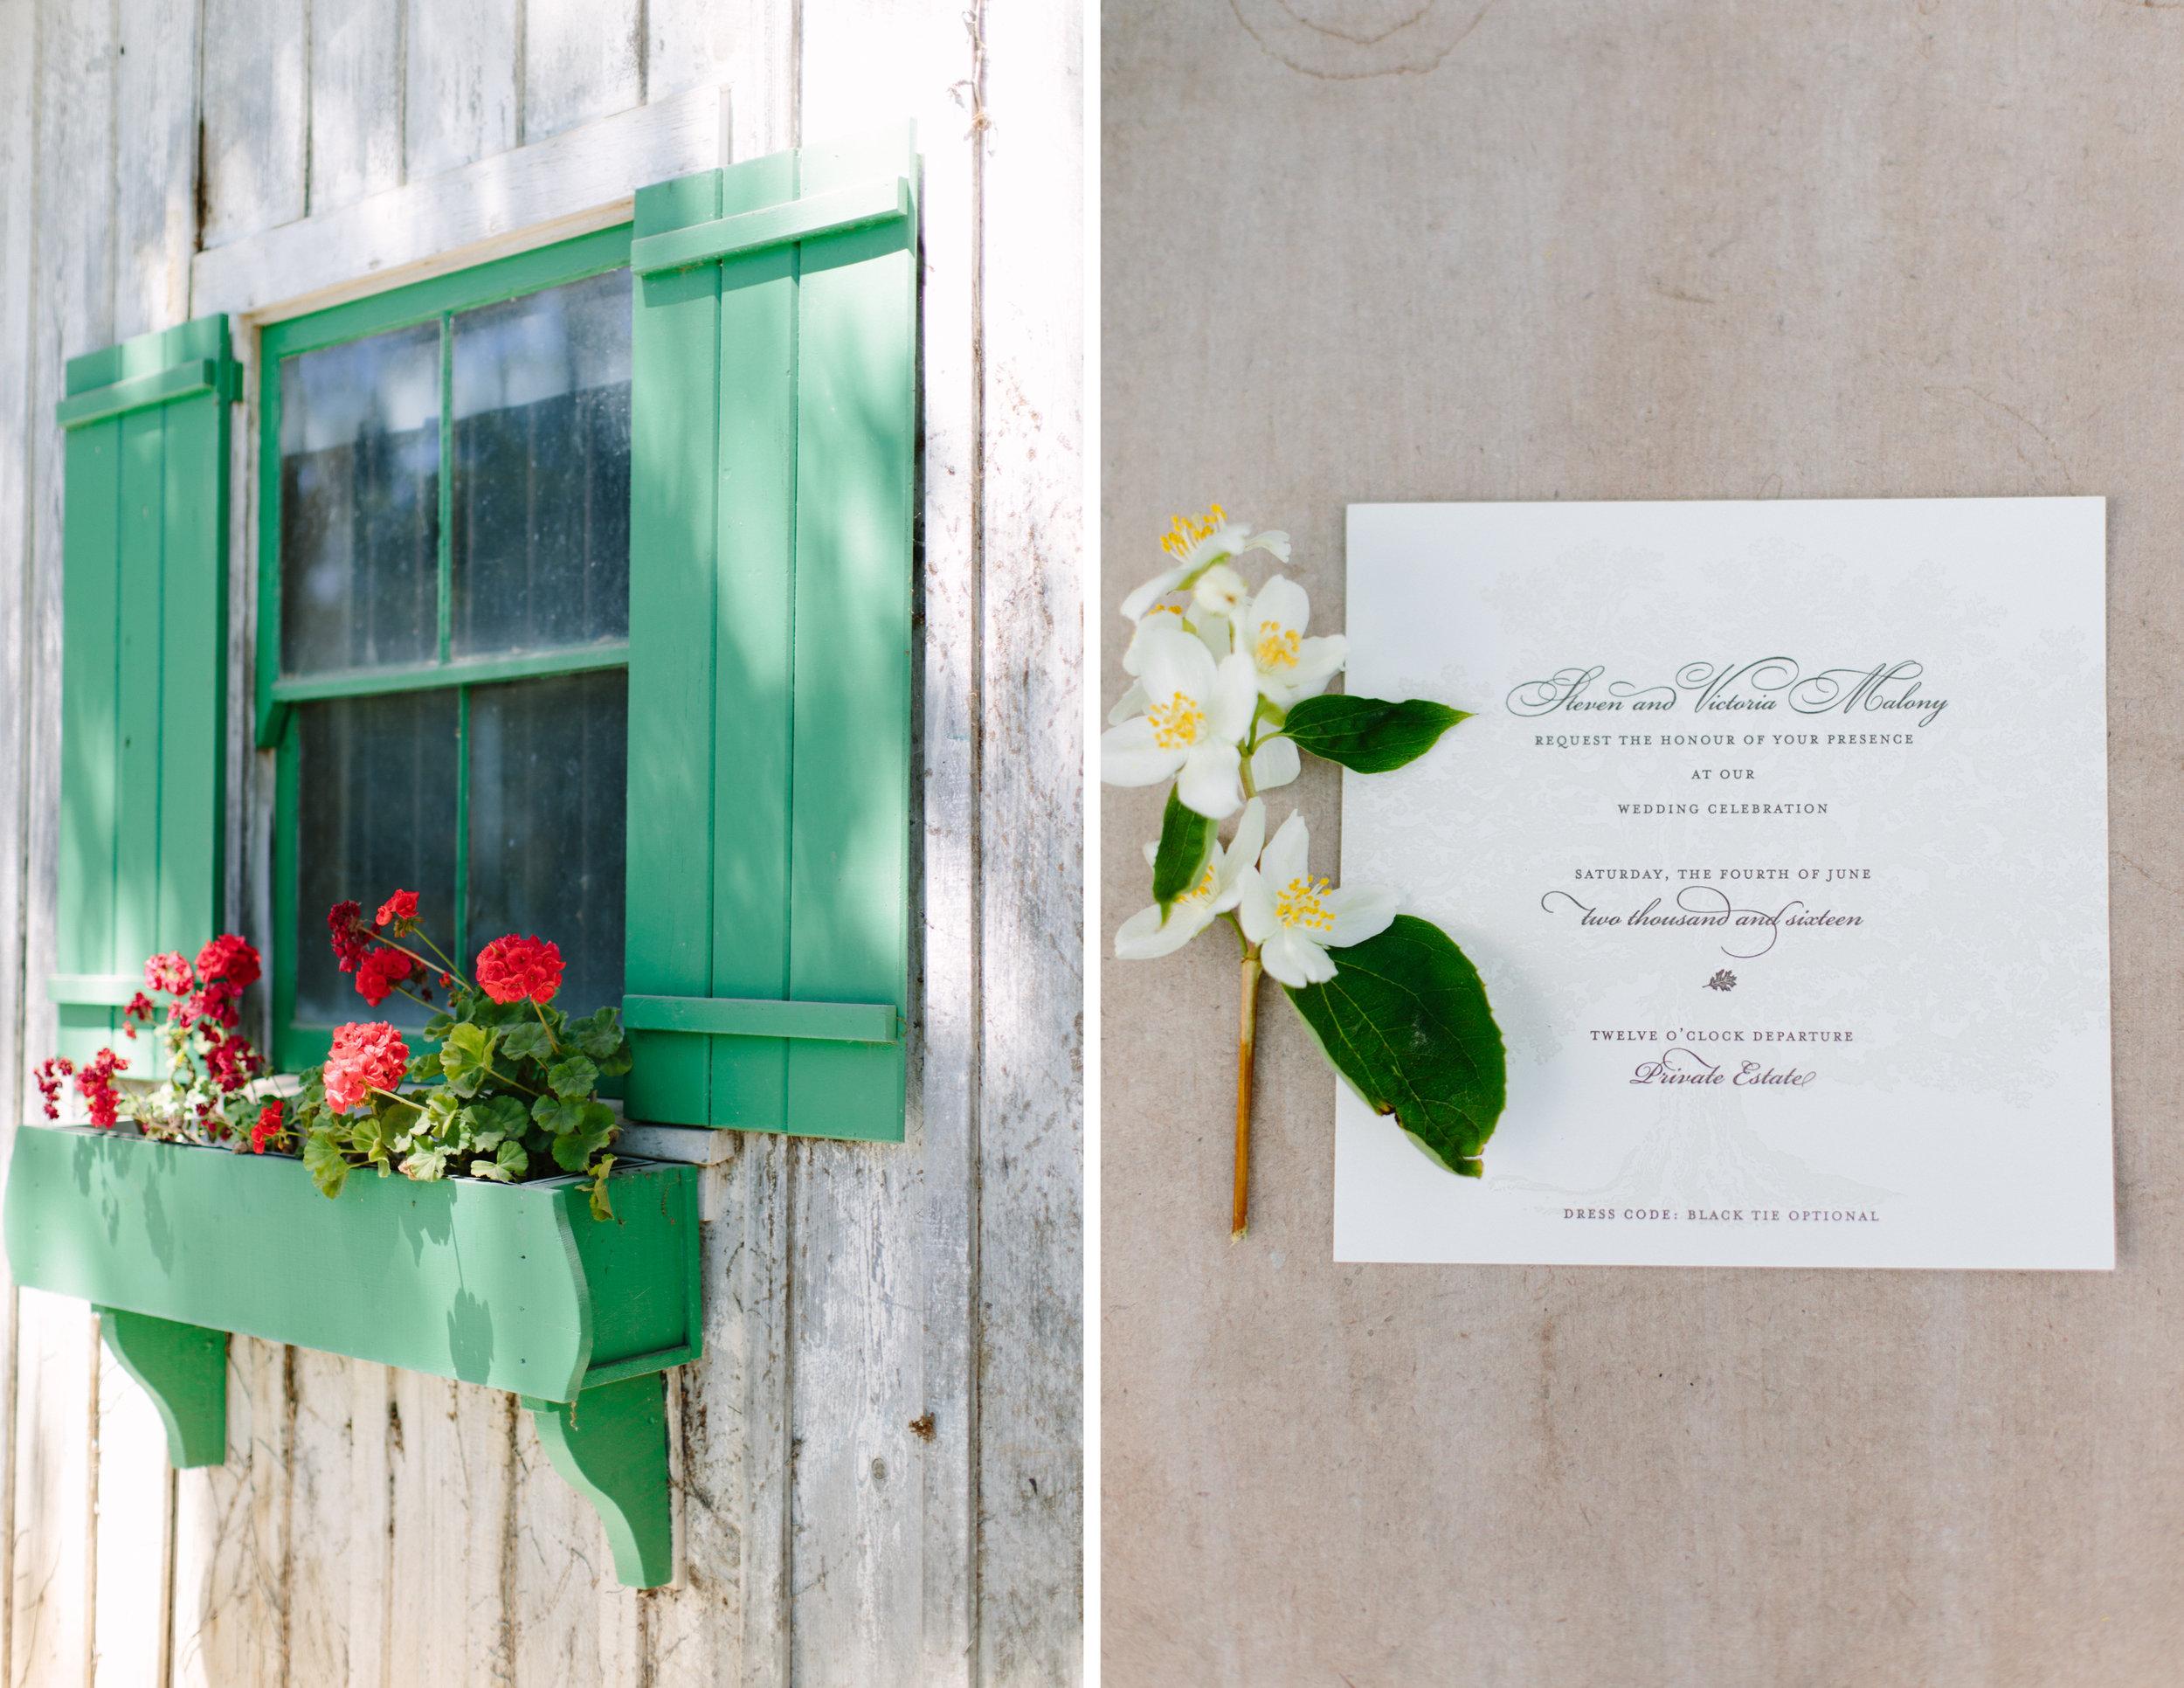 annadel estate winery wedding 1.jpg